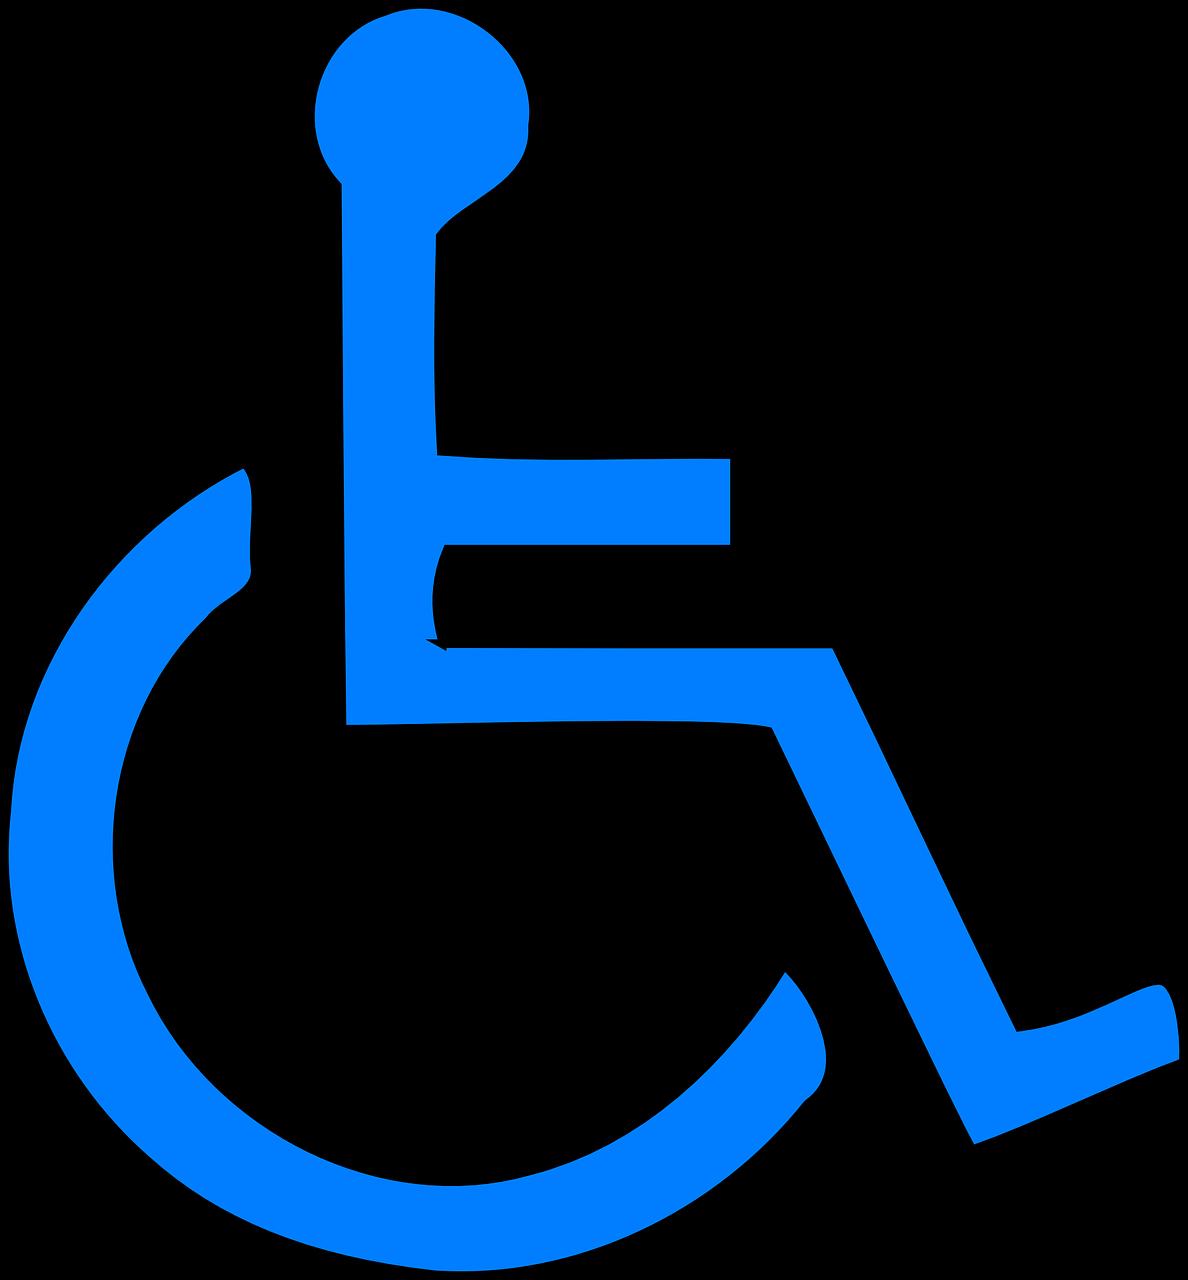 Hoge Gouwe woonlocatie Gemiva - SVG Groep beoordeling instelling gehandicaptenzorg verstandelijk gehandicapten